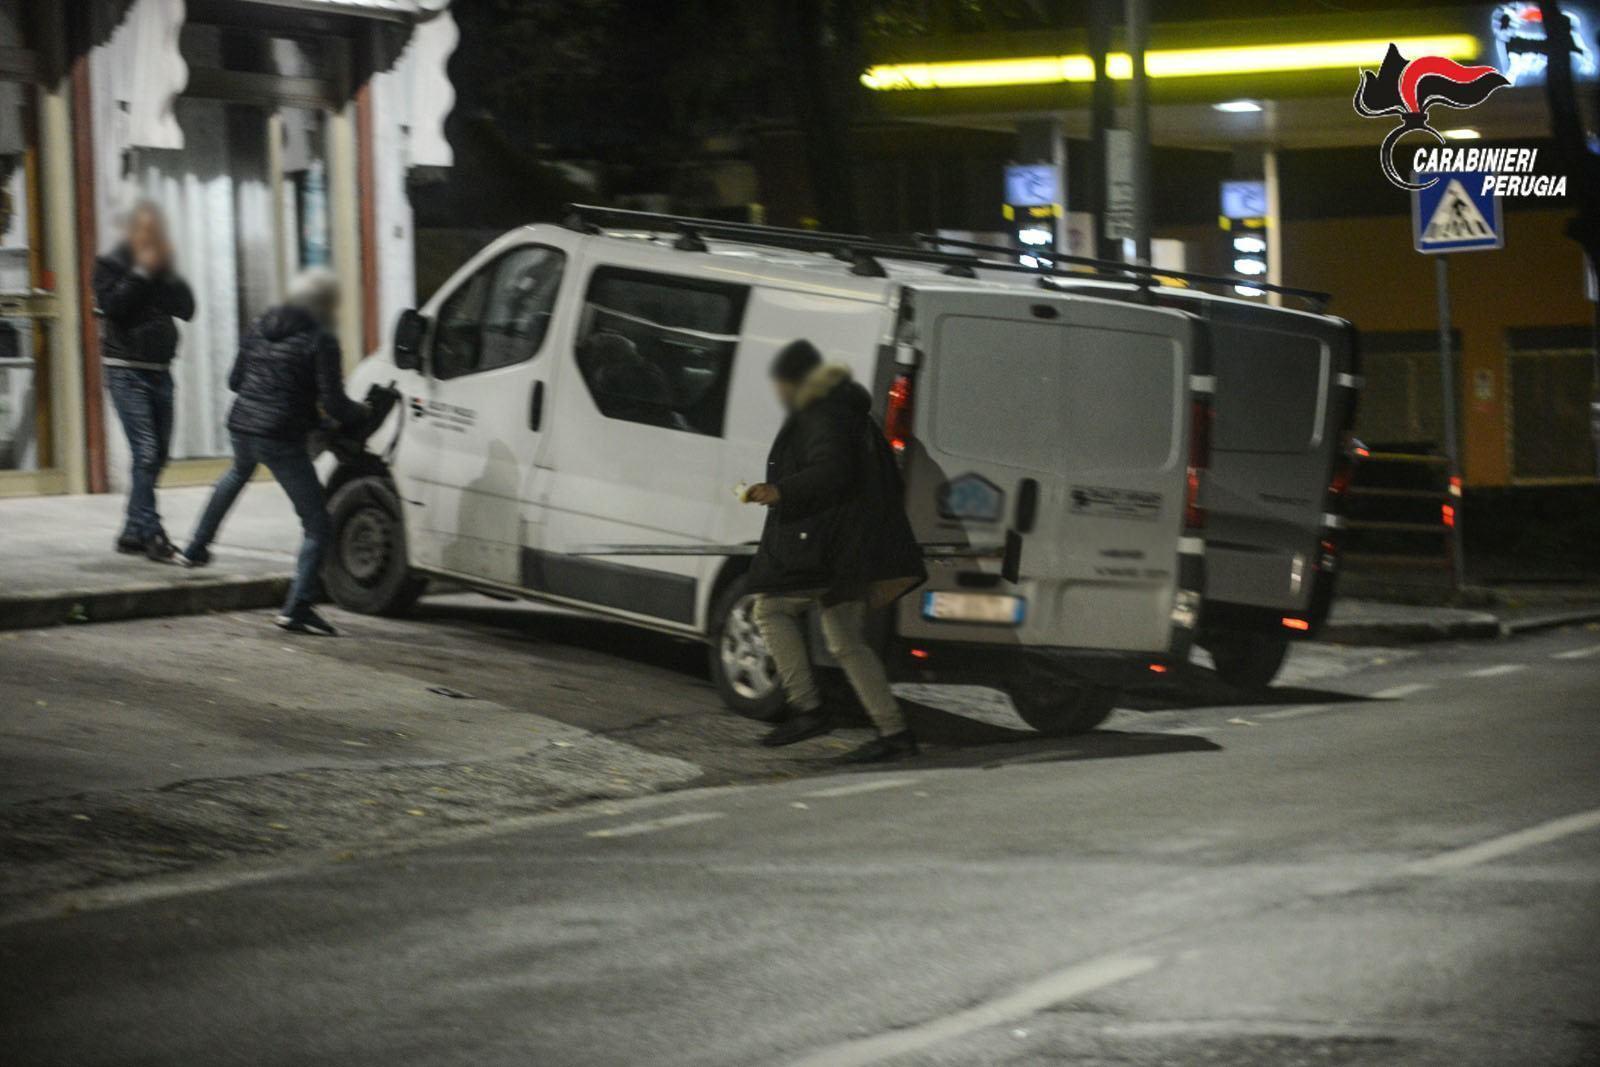 Panico nella notte, aggredisce passante con palo di ferro, arrestato